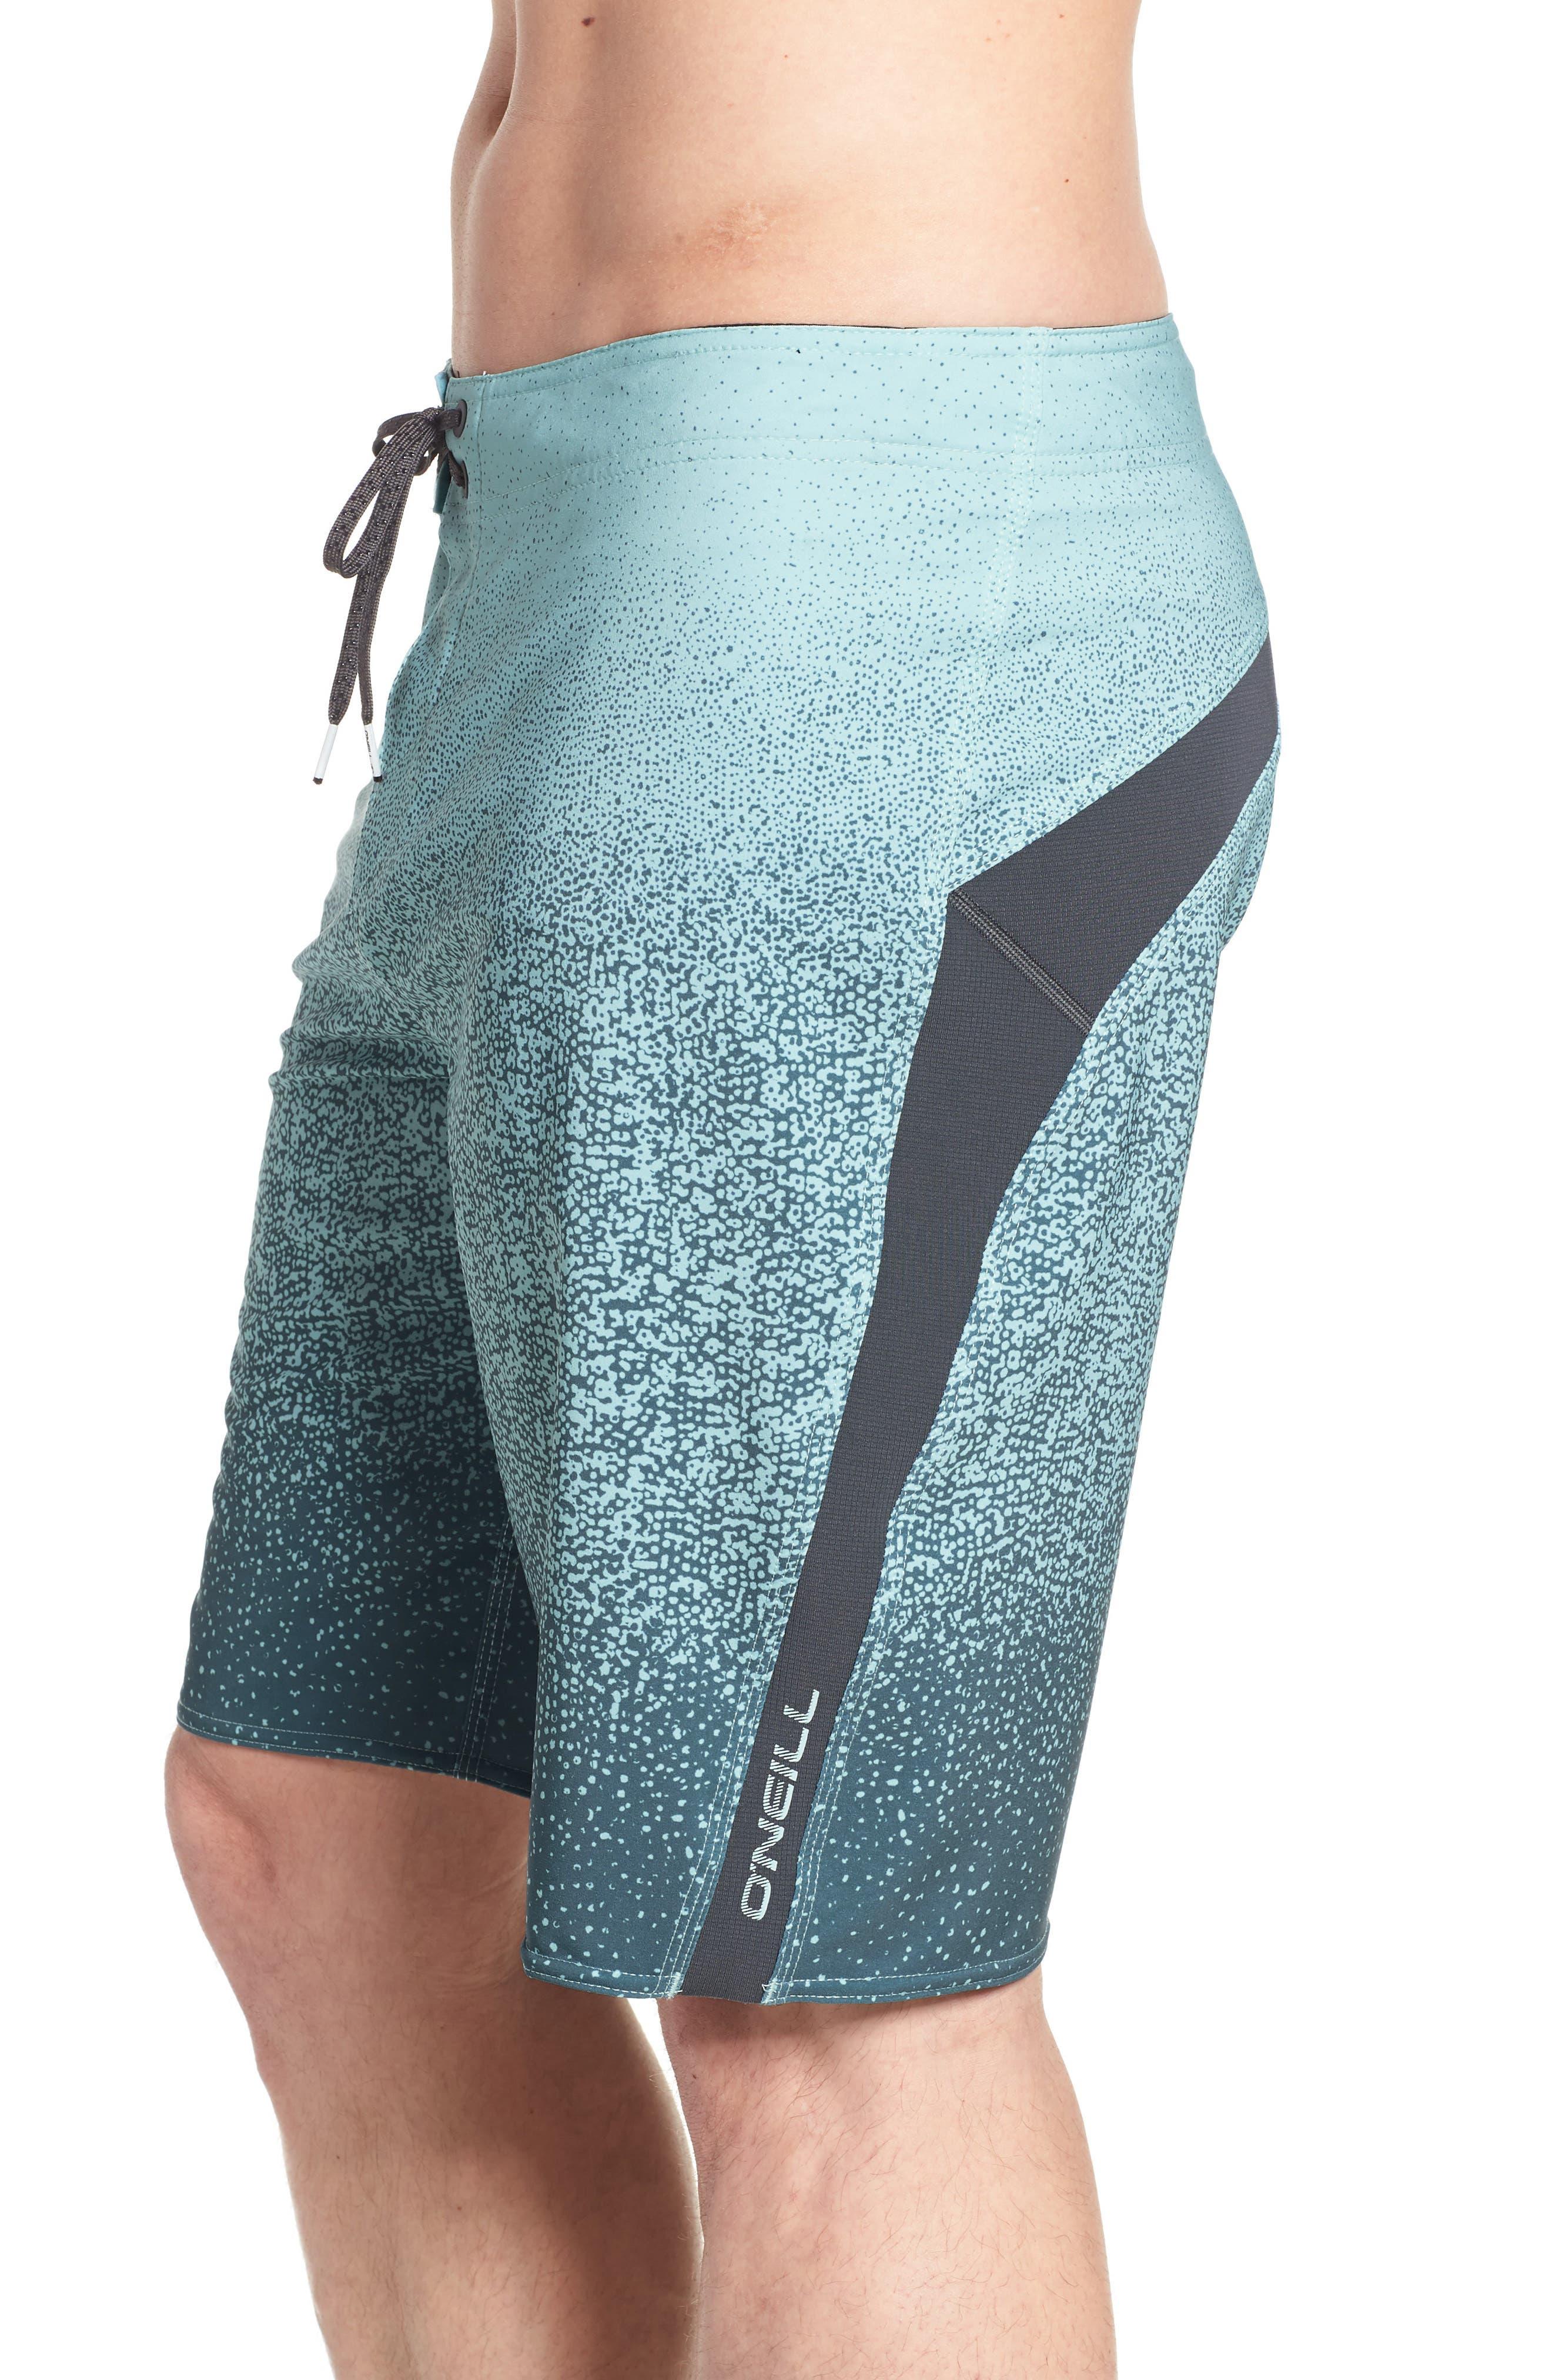 Superfreak Doppler Board Shorts,                             Alternate thumbnail 8, color,